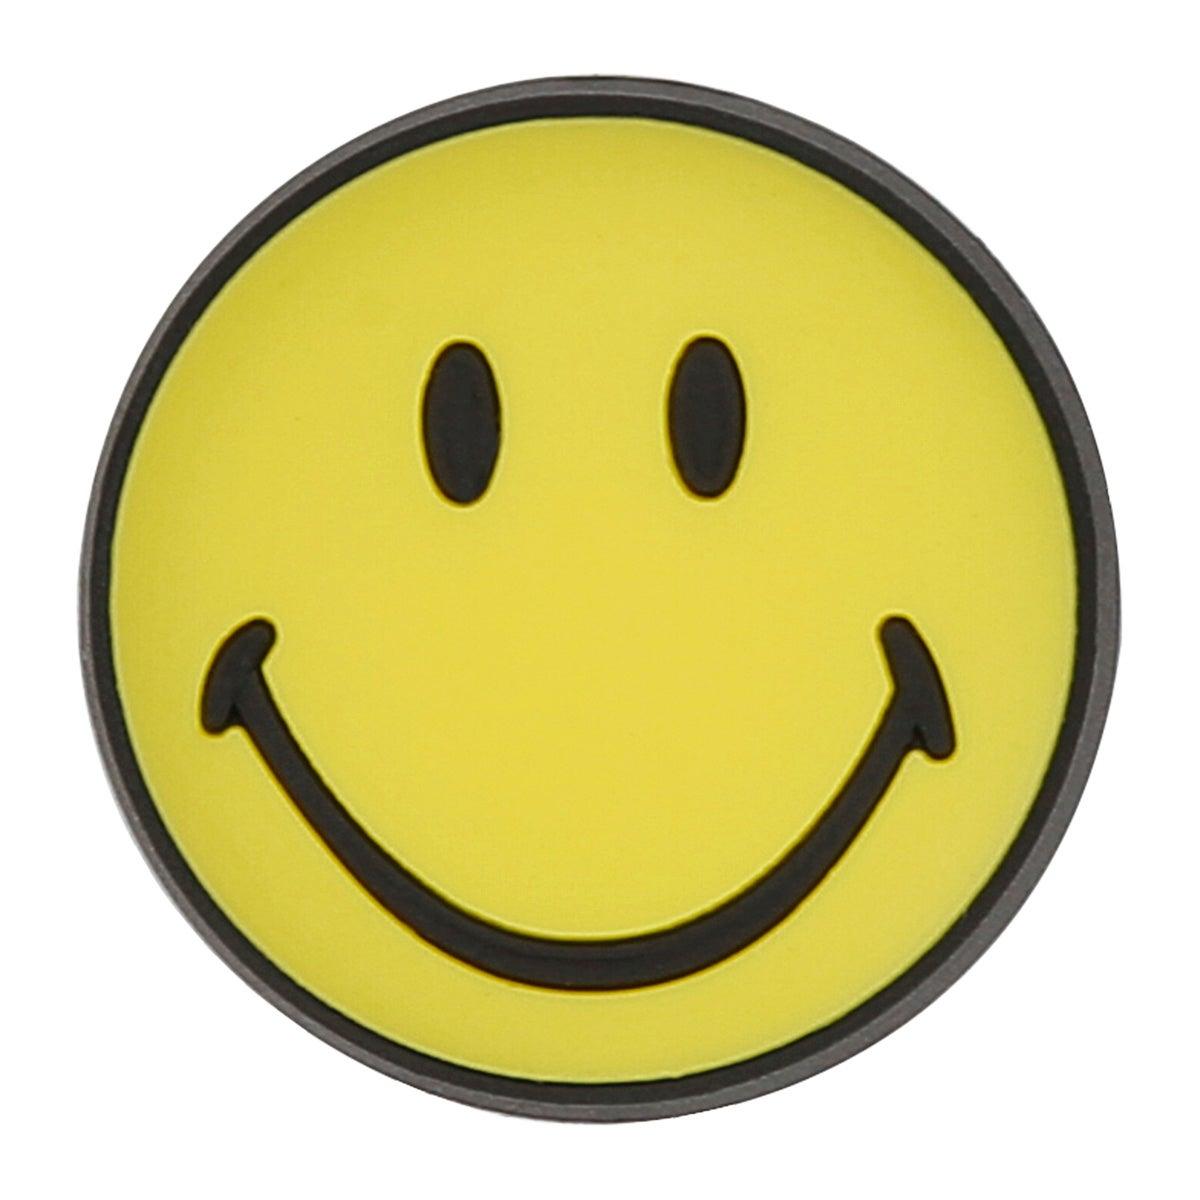 Jibbitz Accessories Jibbitz Smiley Face